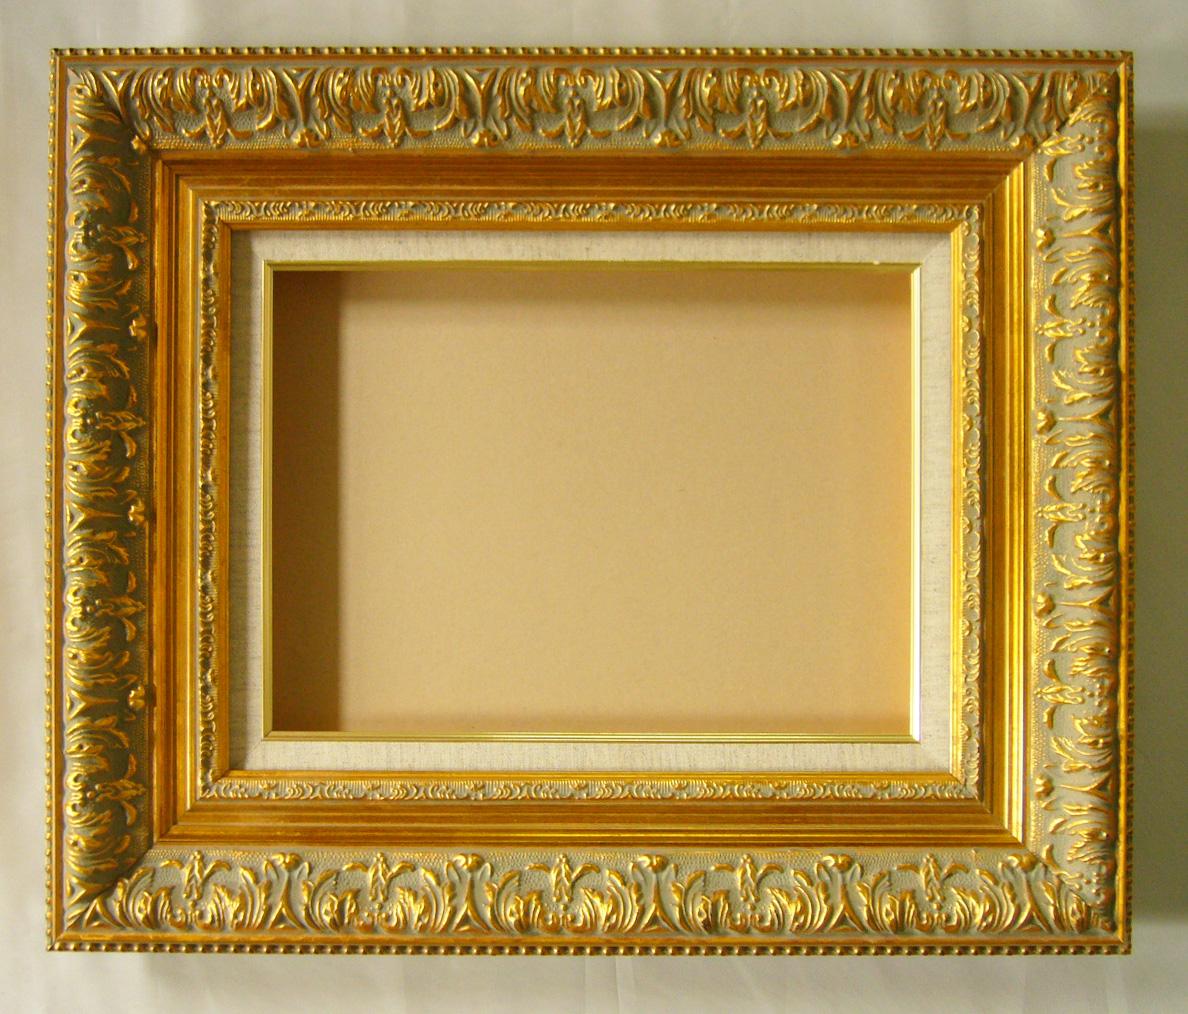 油彩額 油絵用額縁 ディアラ F120 P120 M120 金 ゴールド 枠と泥足(仮縁仕上げ) -新品